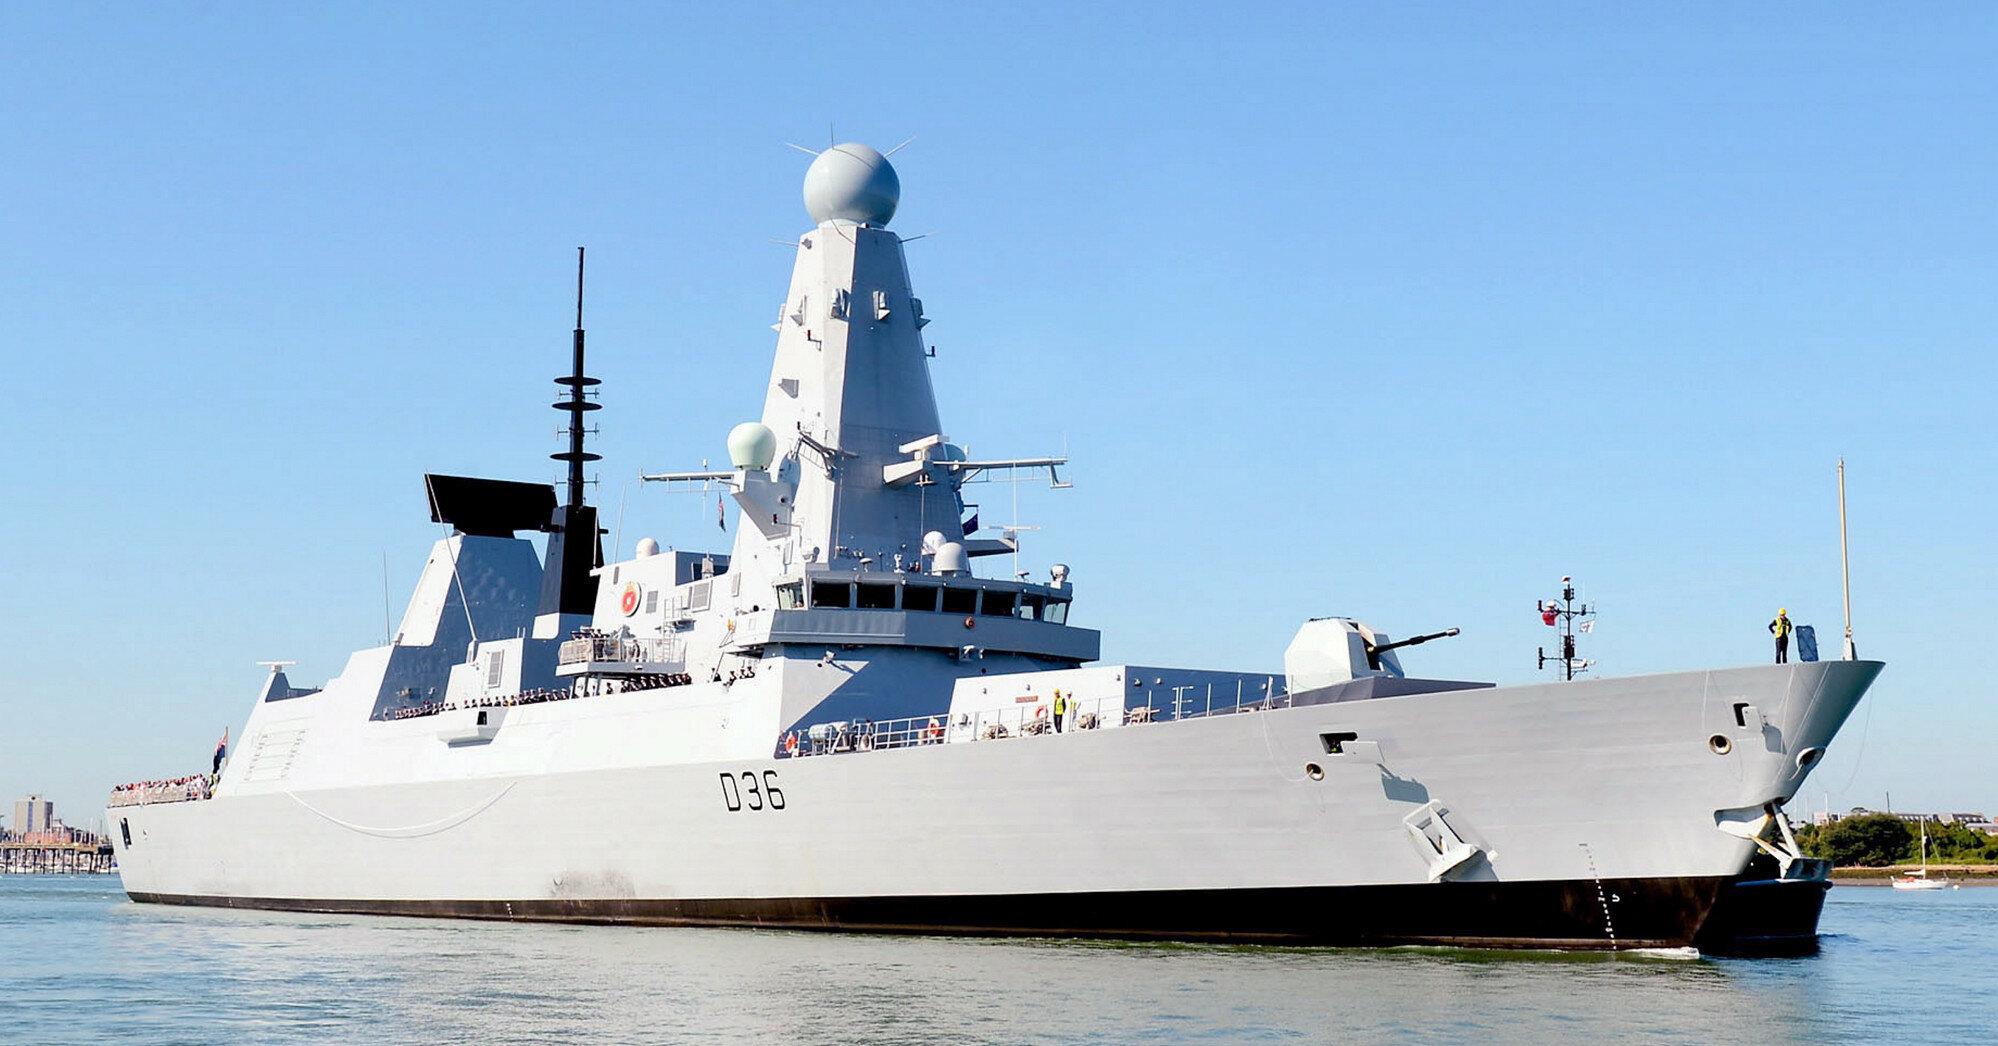 Конфлікт був: кореспондент BBC розповів про переслідування корабля Британії біля Криму